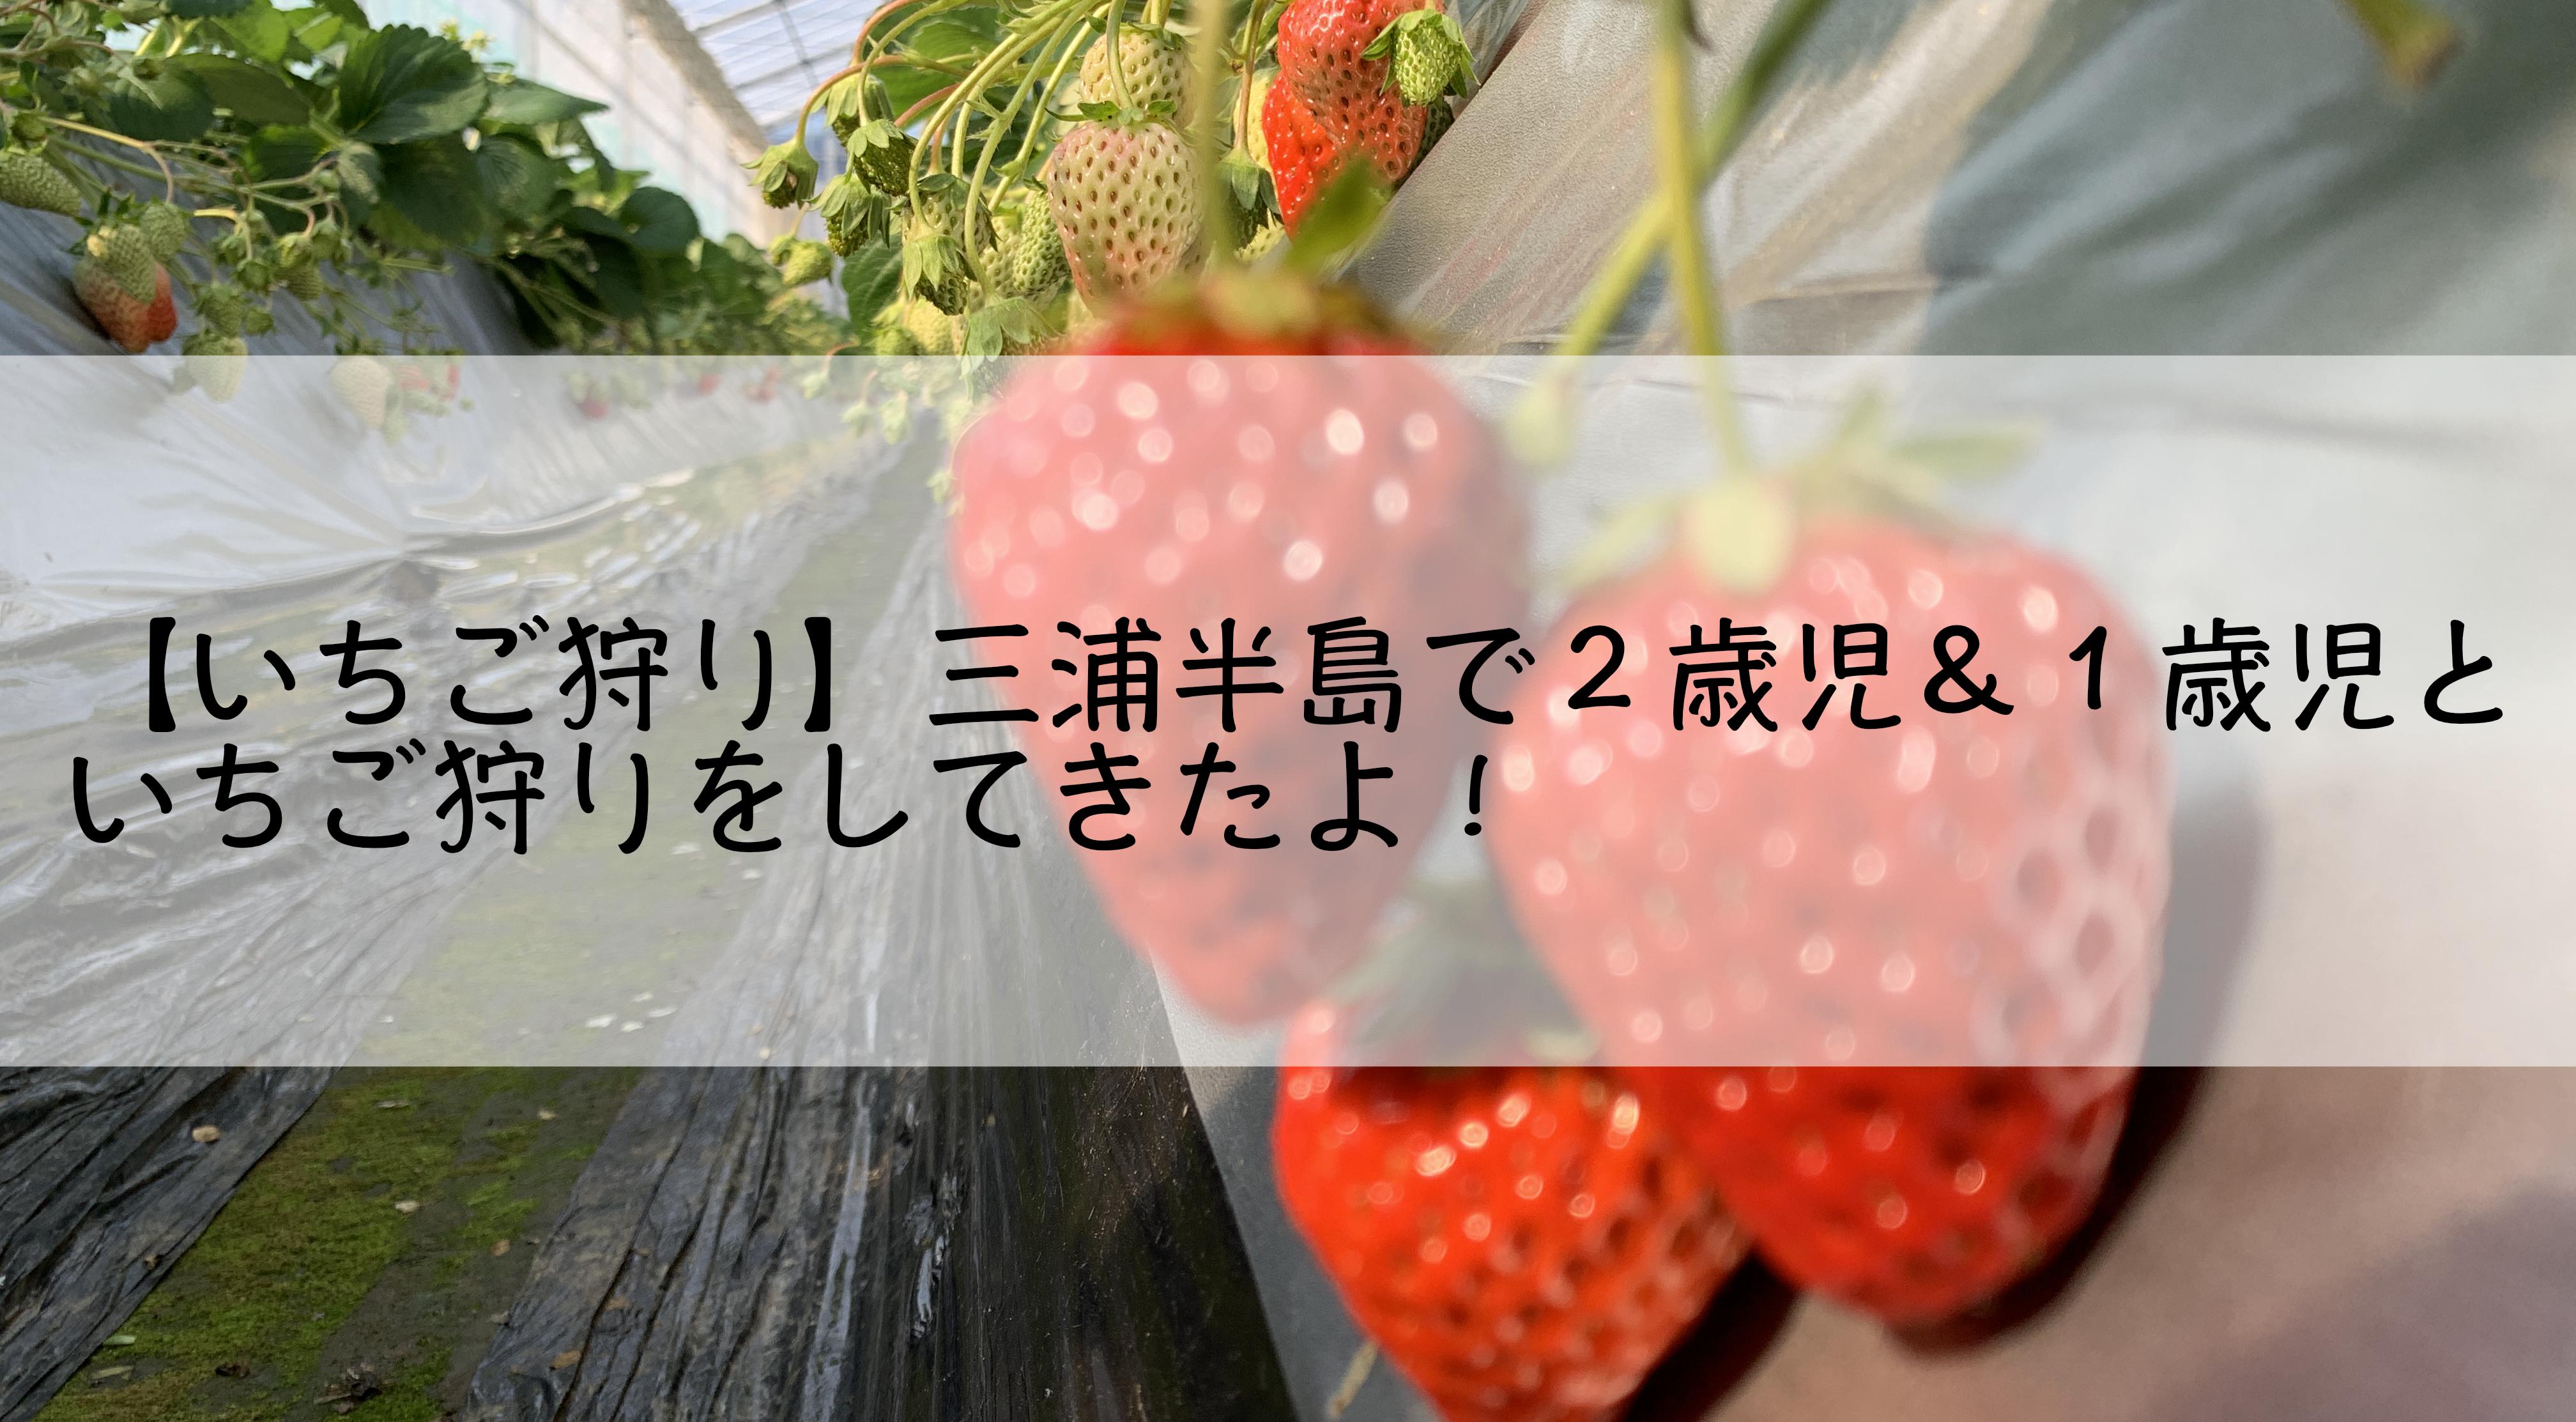 【いちご狩り】関東から日帰り可能!三浦半島で2歳児&1歳児といちご狩りをしてきたよ!